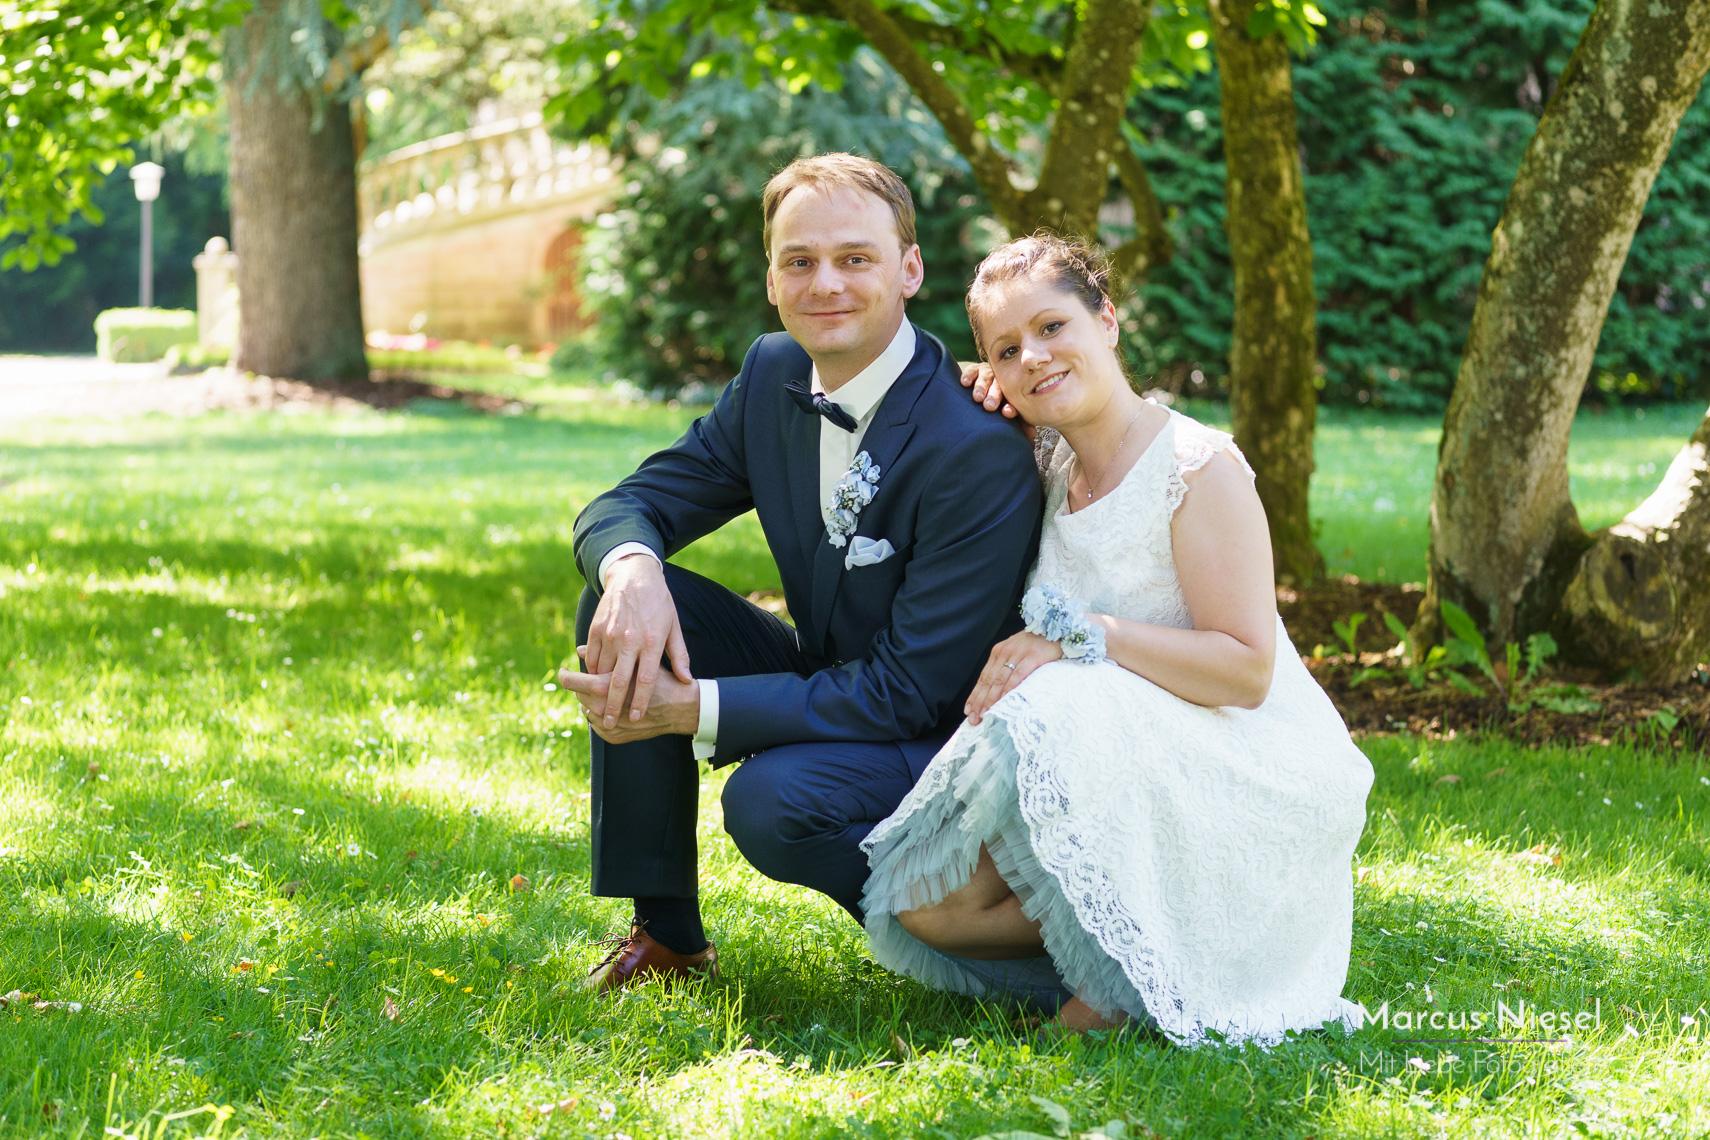 Fotoshooting mit dem traumhaften Hochzeitspaar im grünen Park von Bad Säckingen. Hochzeitsfotograf Marcus Niesel